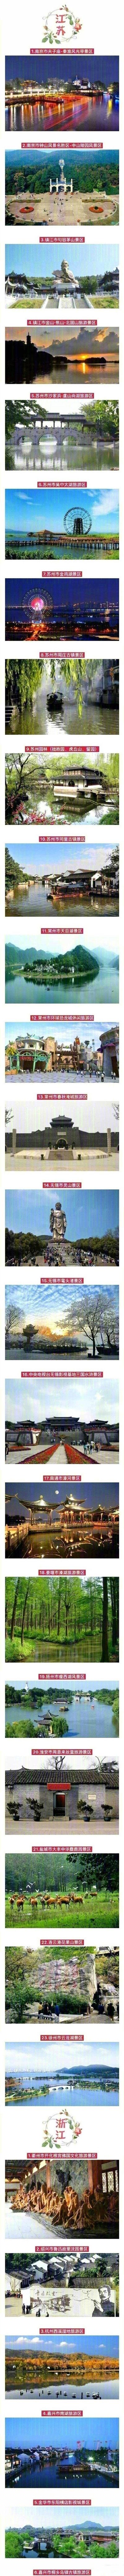 中国247个AAAAA级景区,数一数你去过多少个了? 